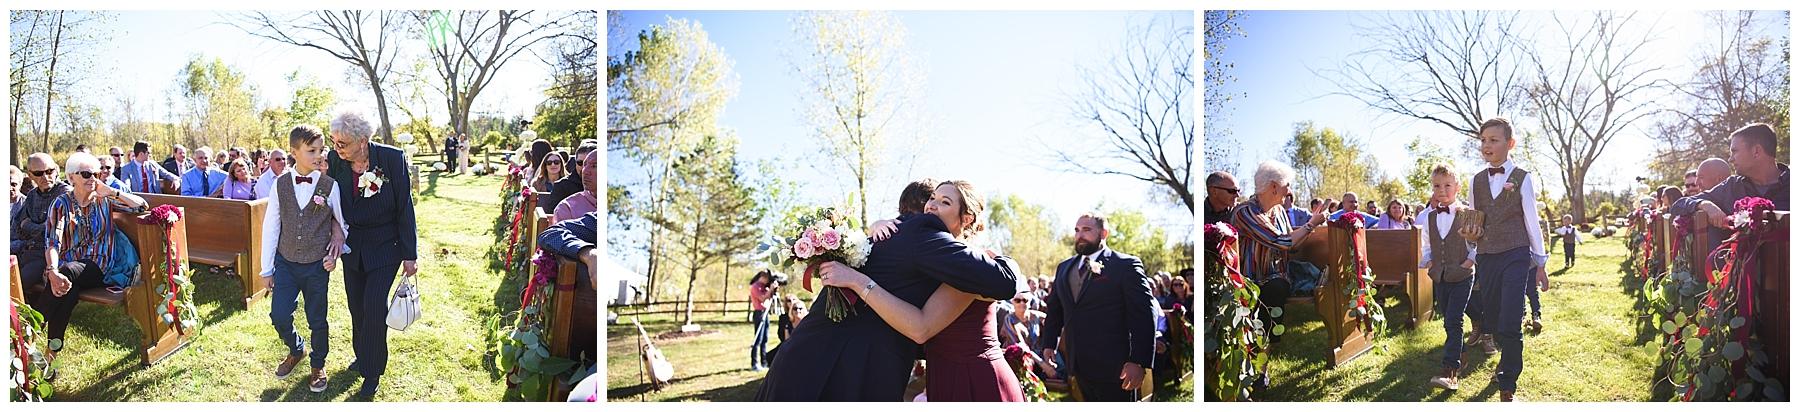 katieryan-farm-wedding_0070.jpg